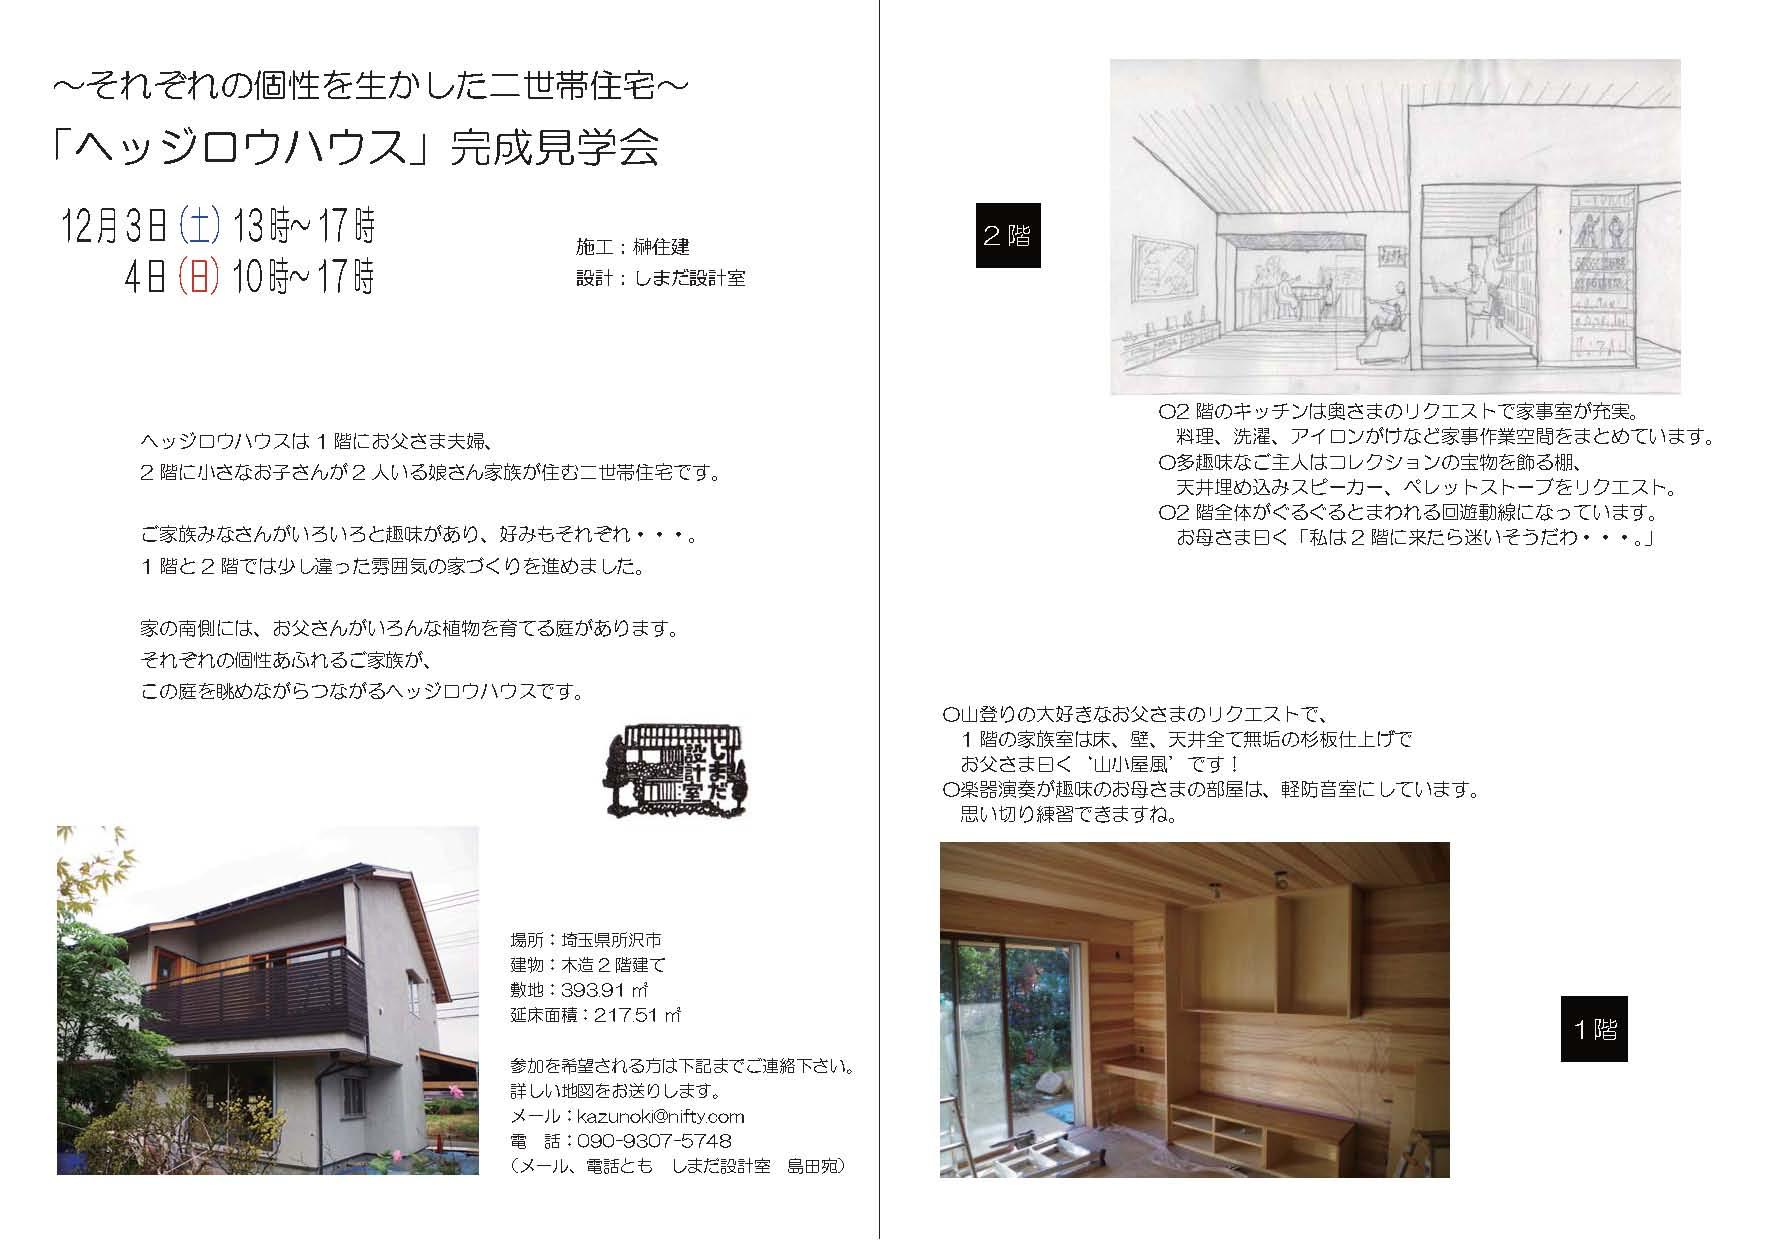 12/3(土)・4(日) 完成見学会 【生垣のある二世帯住宅】 at 所沢市